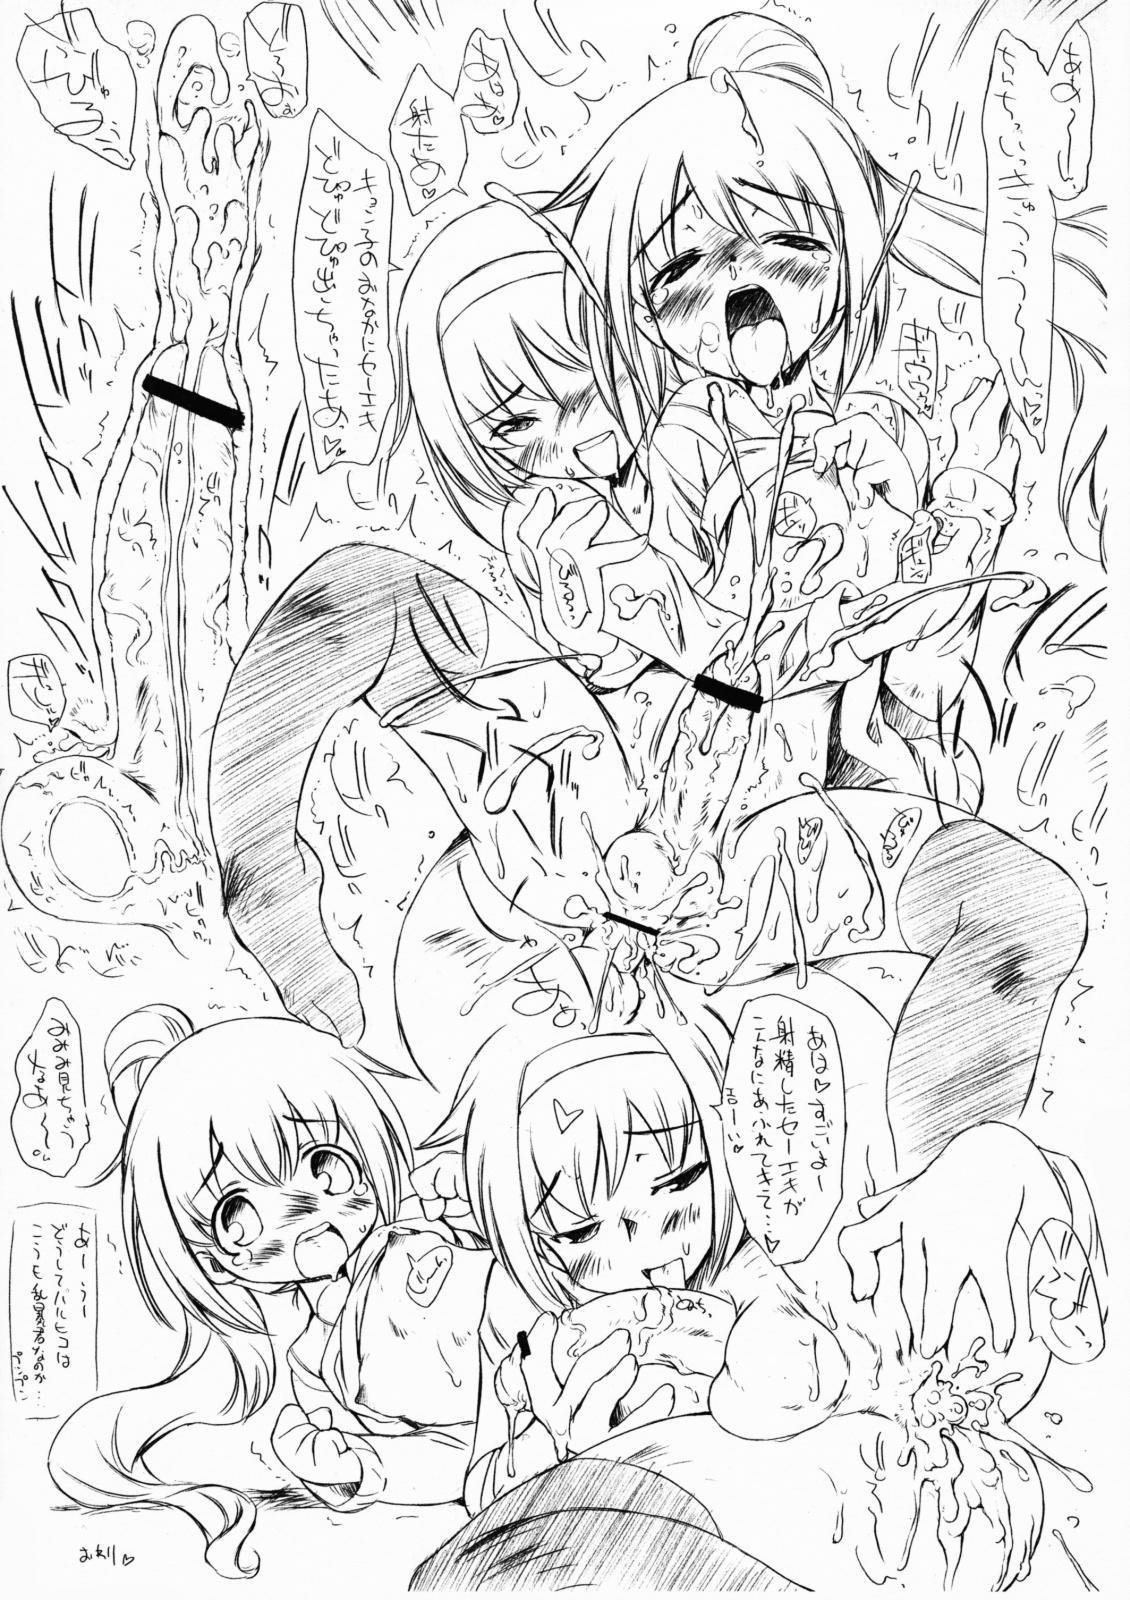 [Magic Machinery] Haenuki! Haruhiko-kun to Kyonko-san no Copy Hon (Suzumiya Haruhi no Yuuutsu) 7